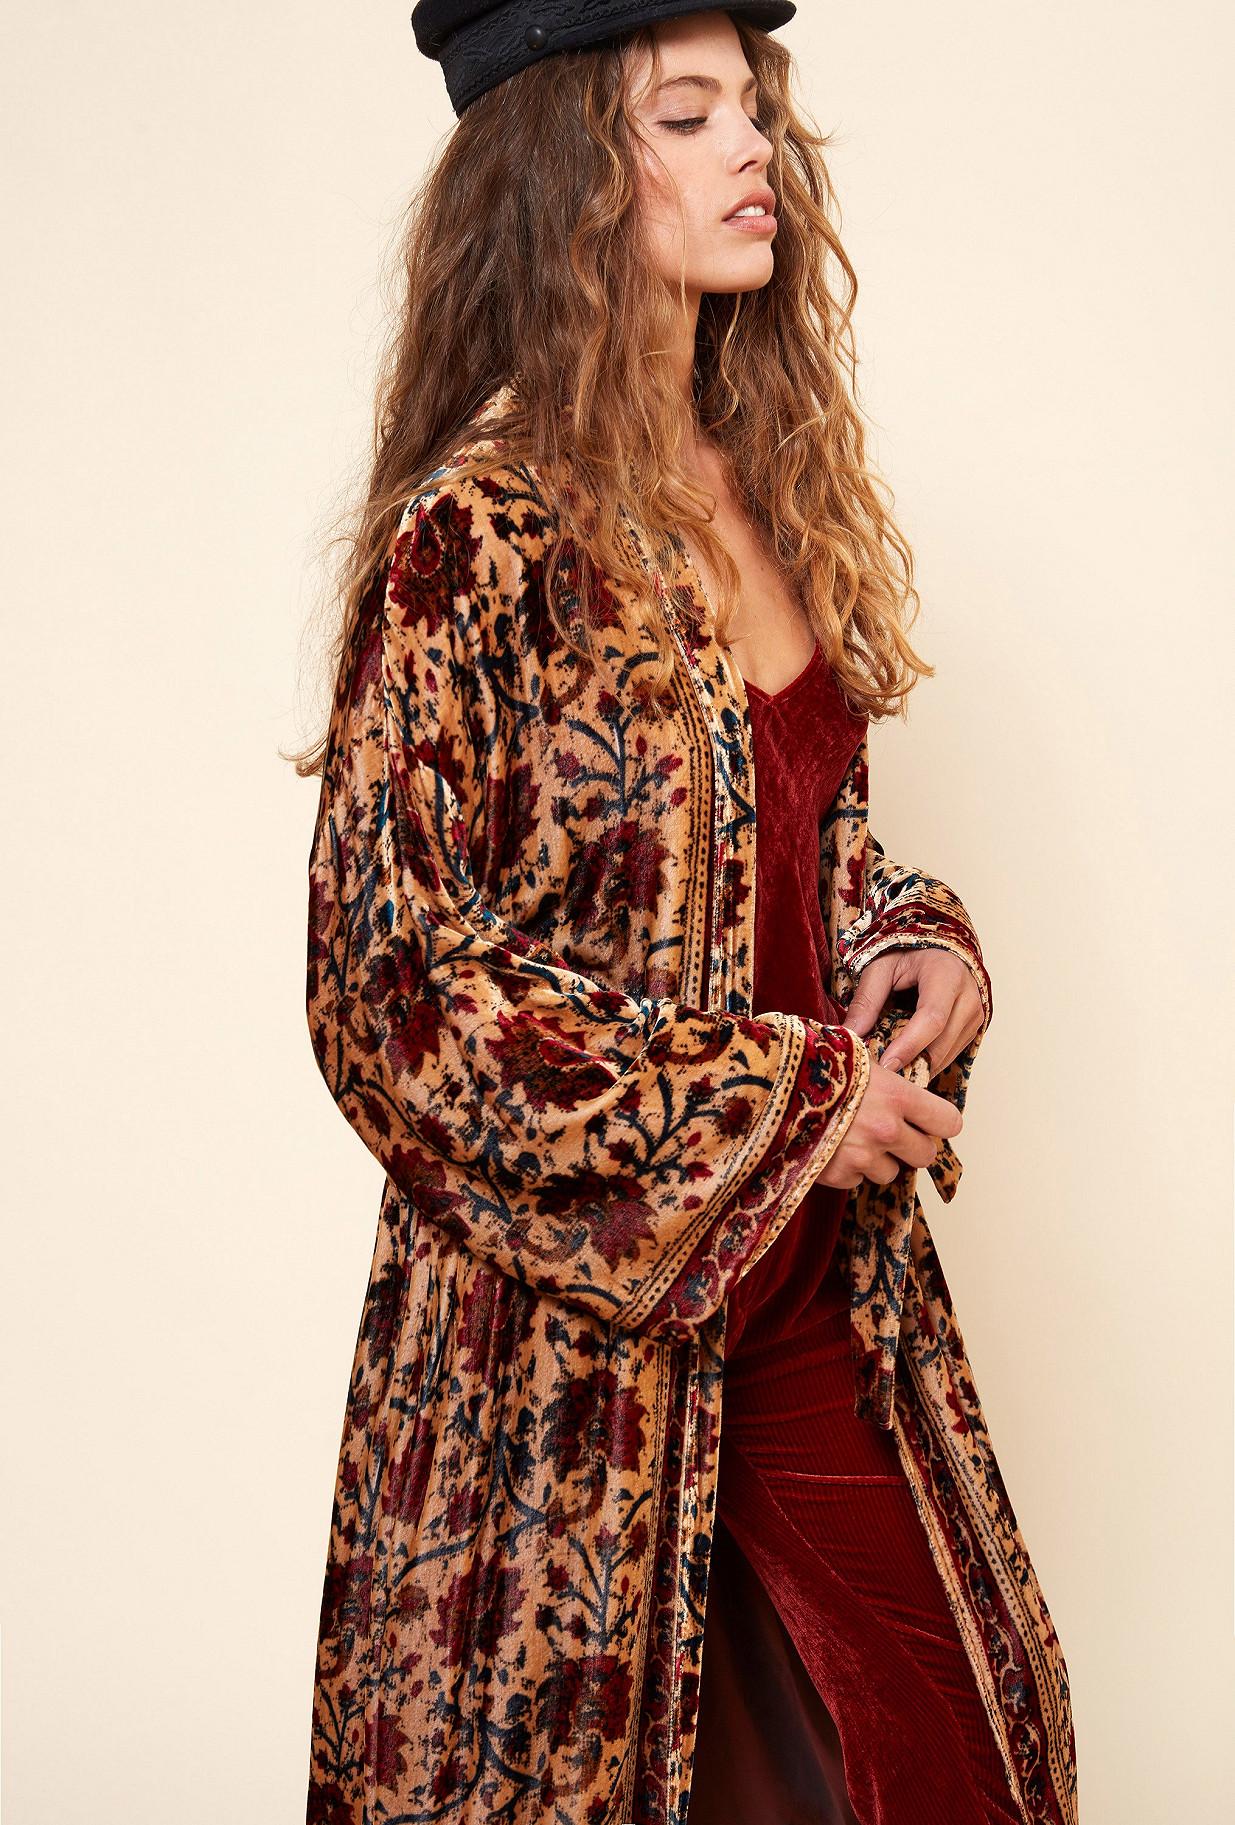 Floral print  KIMONO  Cesar Mes demoiselles fashion clothes designer Paris